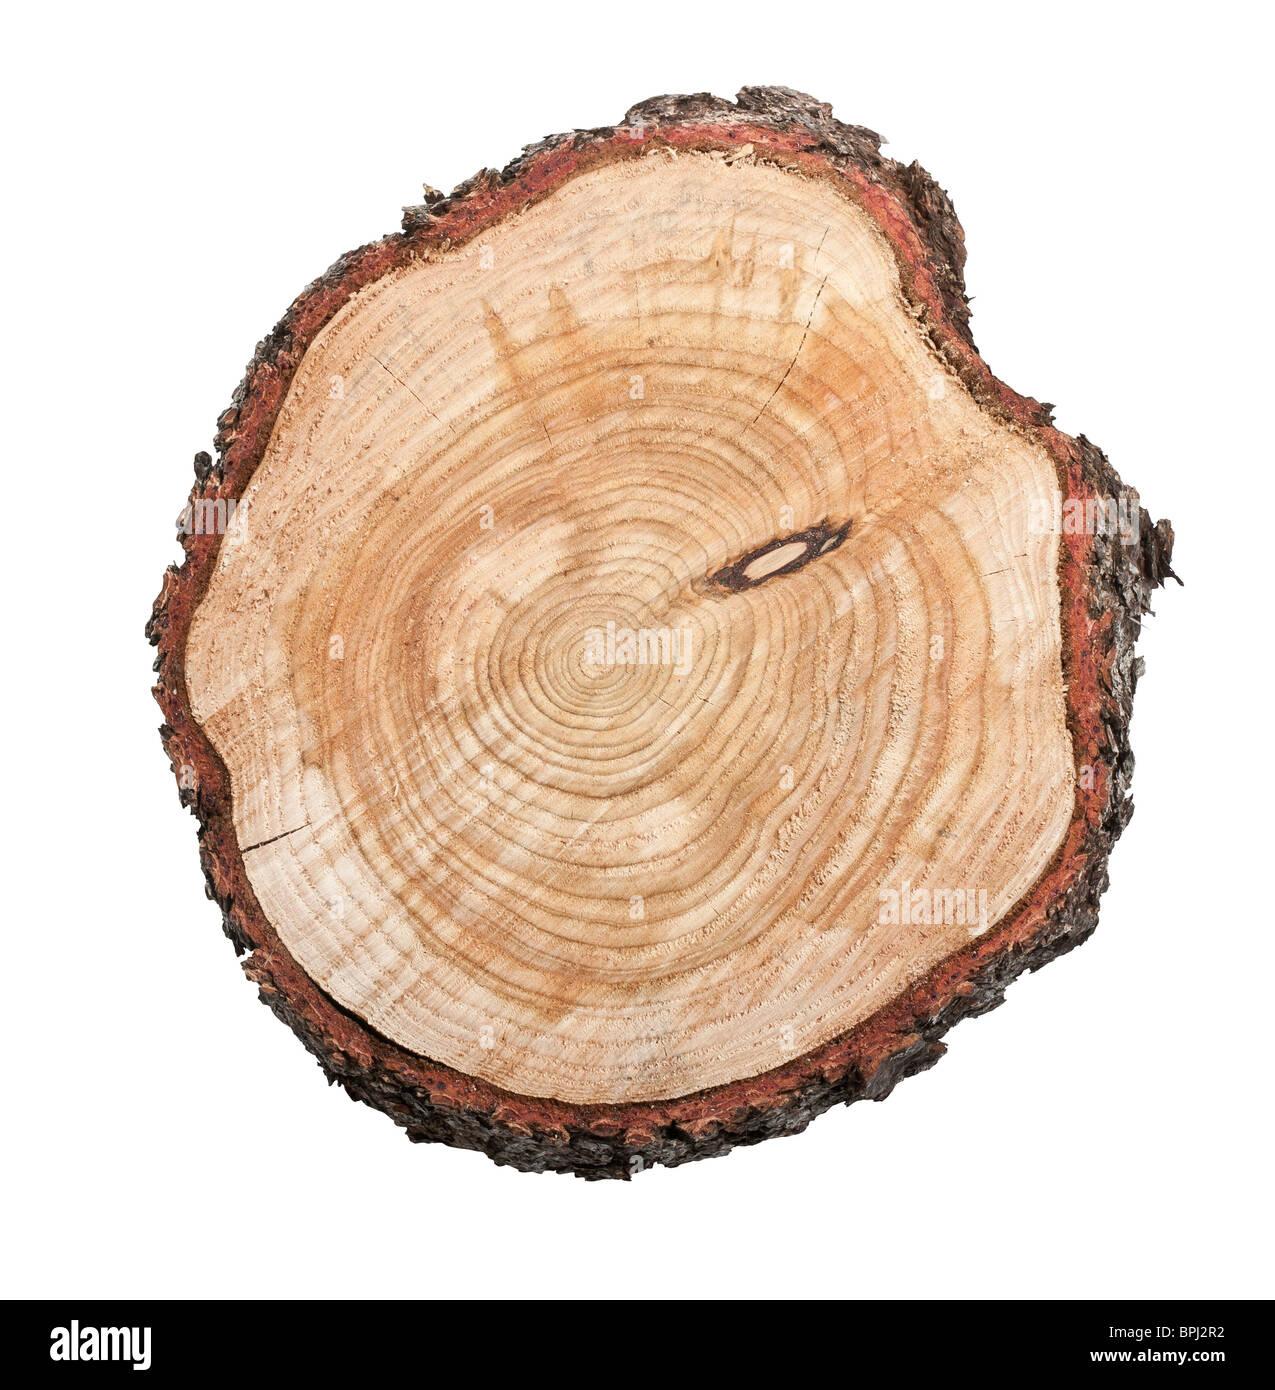 Vista superior de un tocón de árbol aislado sobre fondo blanco. Imagen De Stock